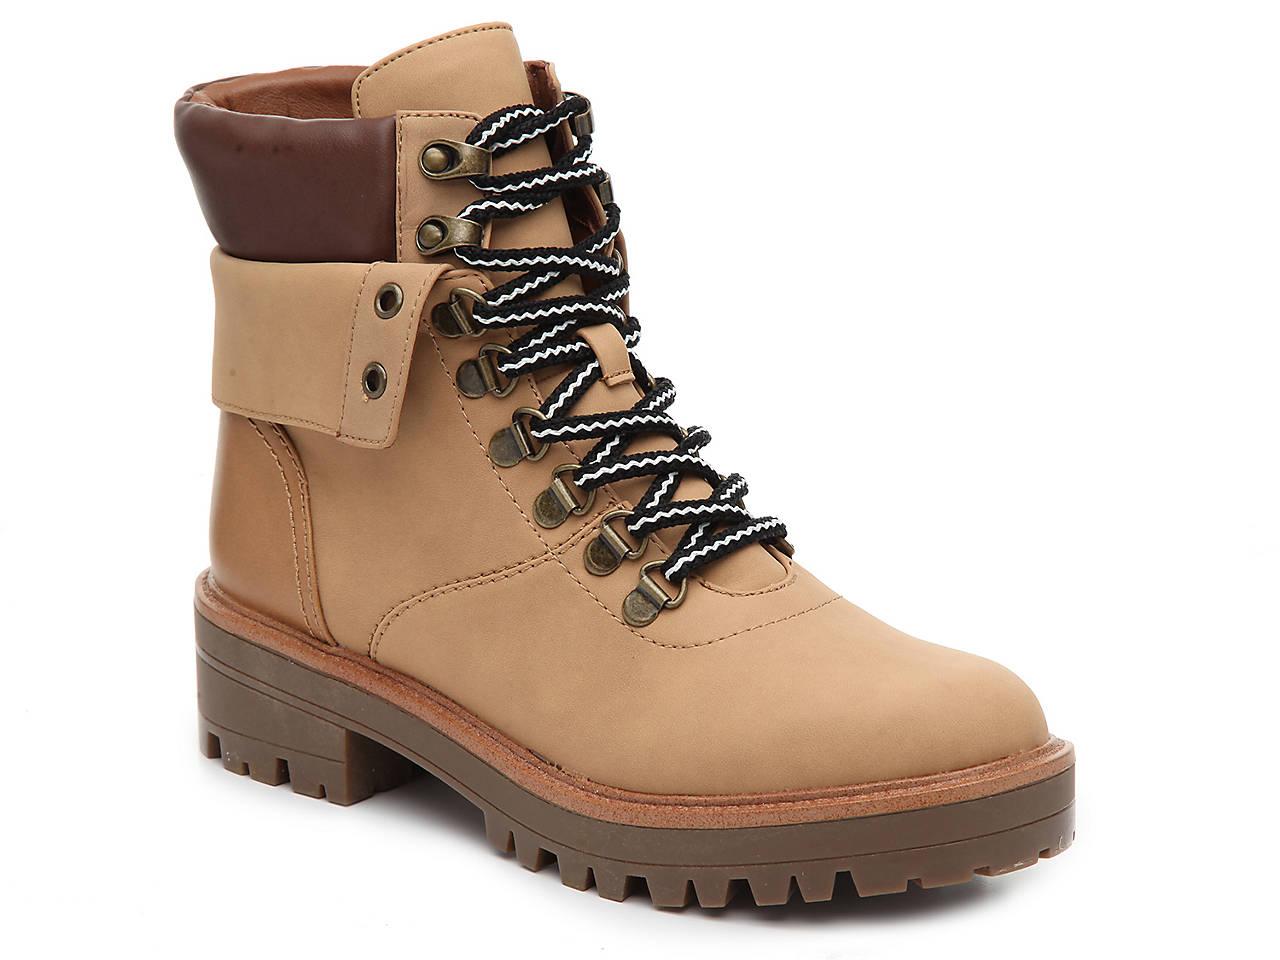 89a4903aa2a Indigo Rd. Isaya Combat Boot Women s Shoes